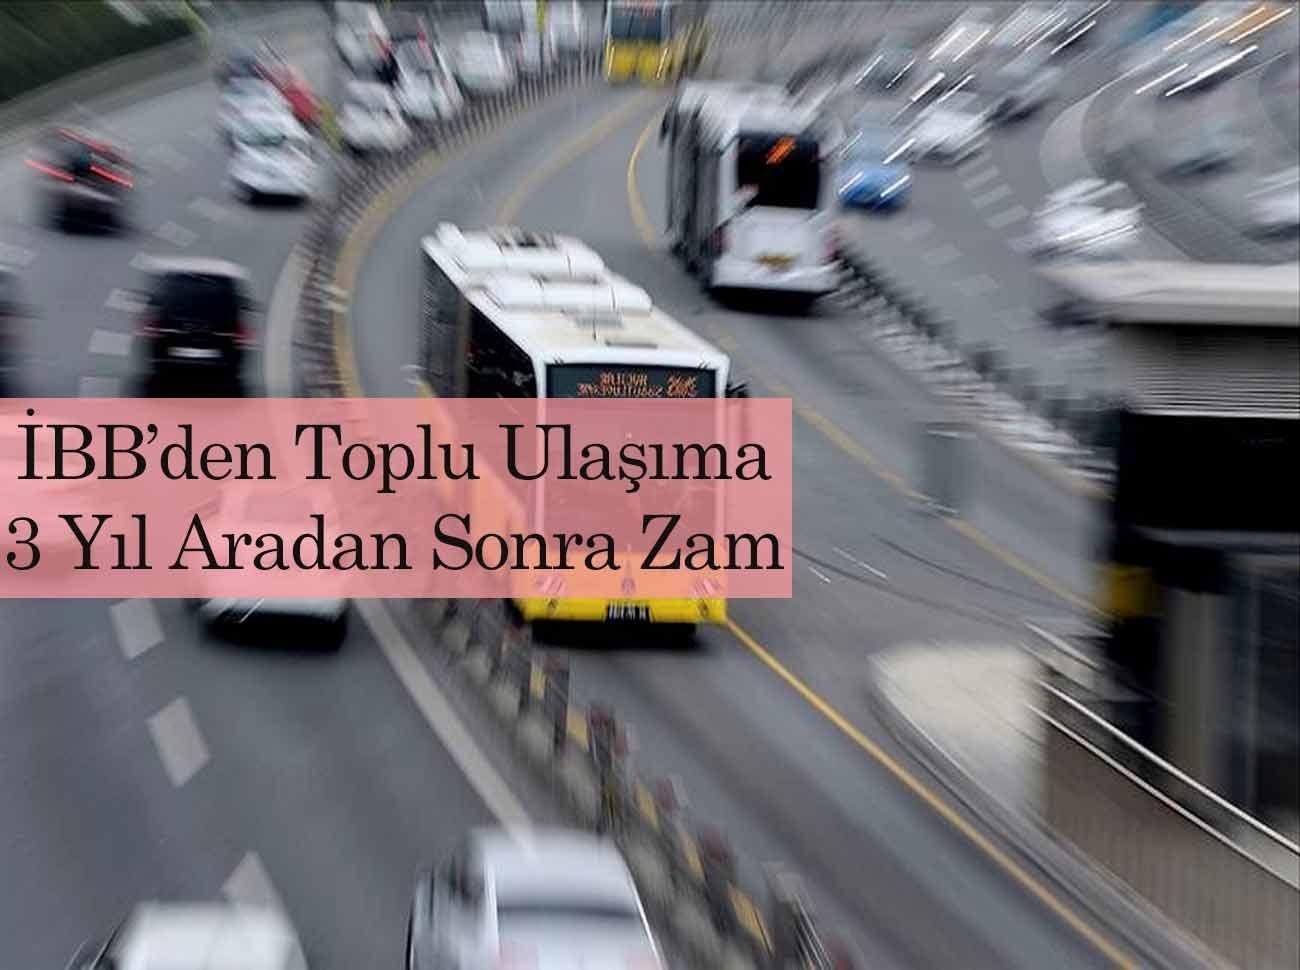 İstanbul'da Toplu Ulaşıma Ne Kadar Zam Yapıldı?